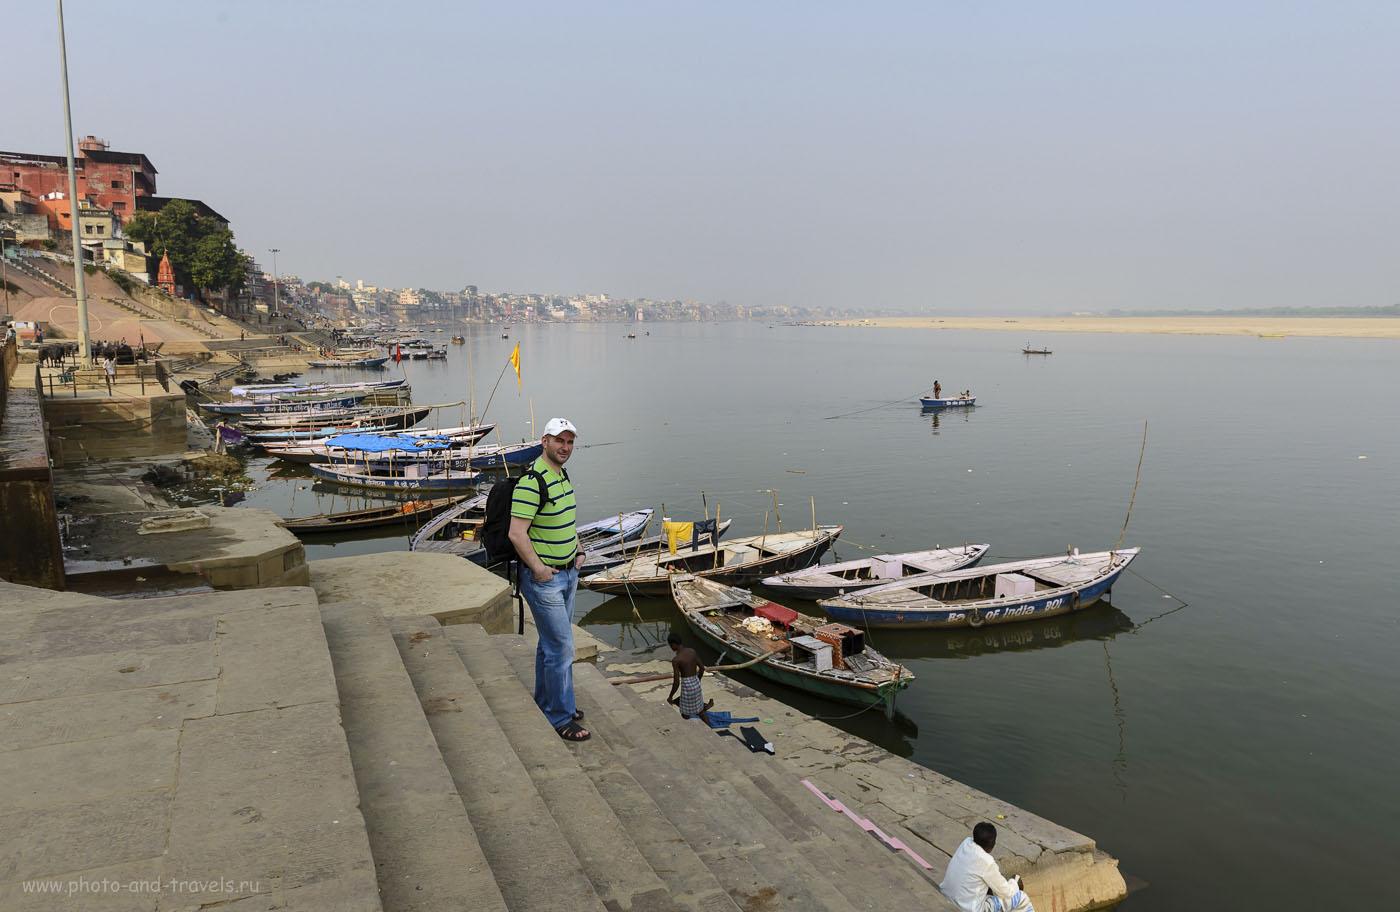 Фотография 21. Отчет о самостоятельной поездке по Индии. Город Варанаси. Гхаты на берегу реки Ганг. 1/320, 9.0, 160, 24.